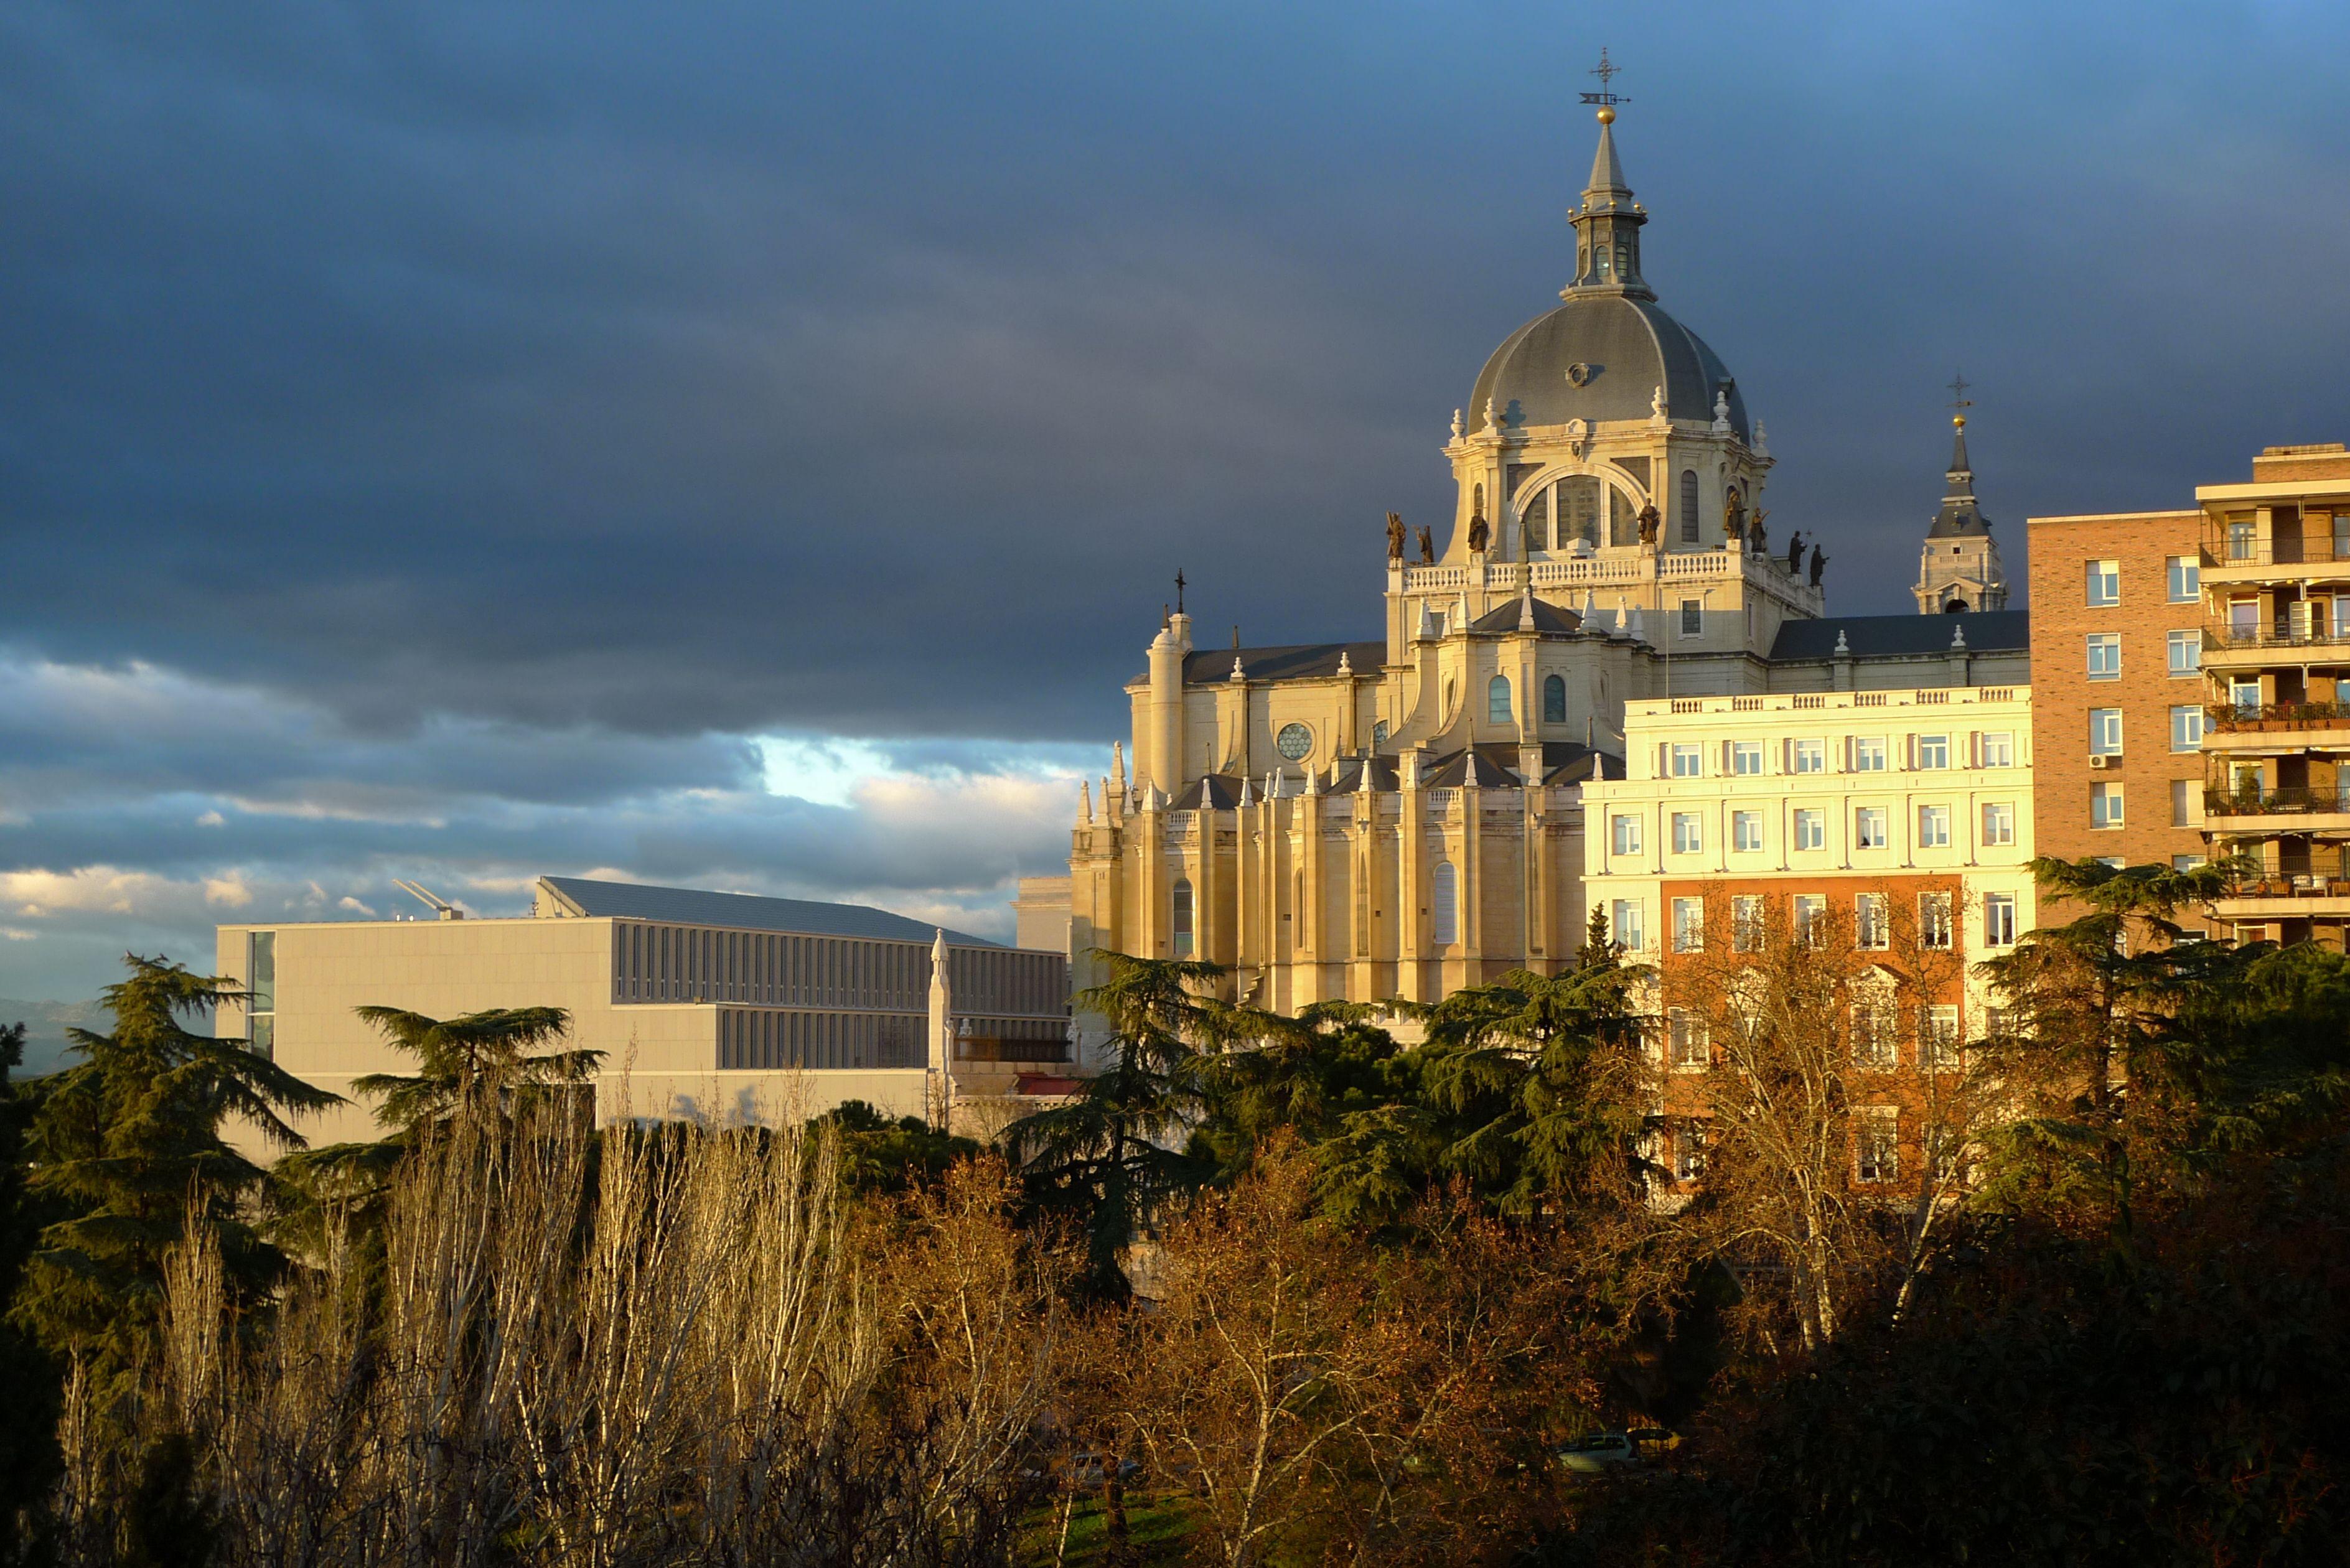 Atardecer en Madrid. La Catedral de la Almudena y el Museo de Colecciones Reales